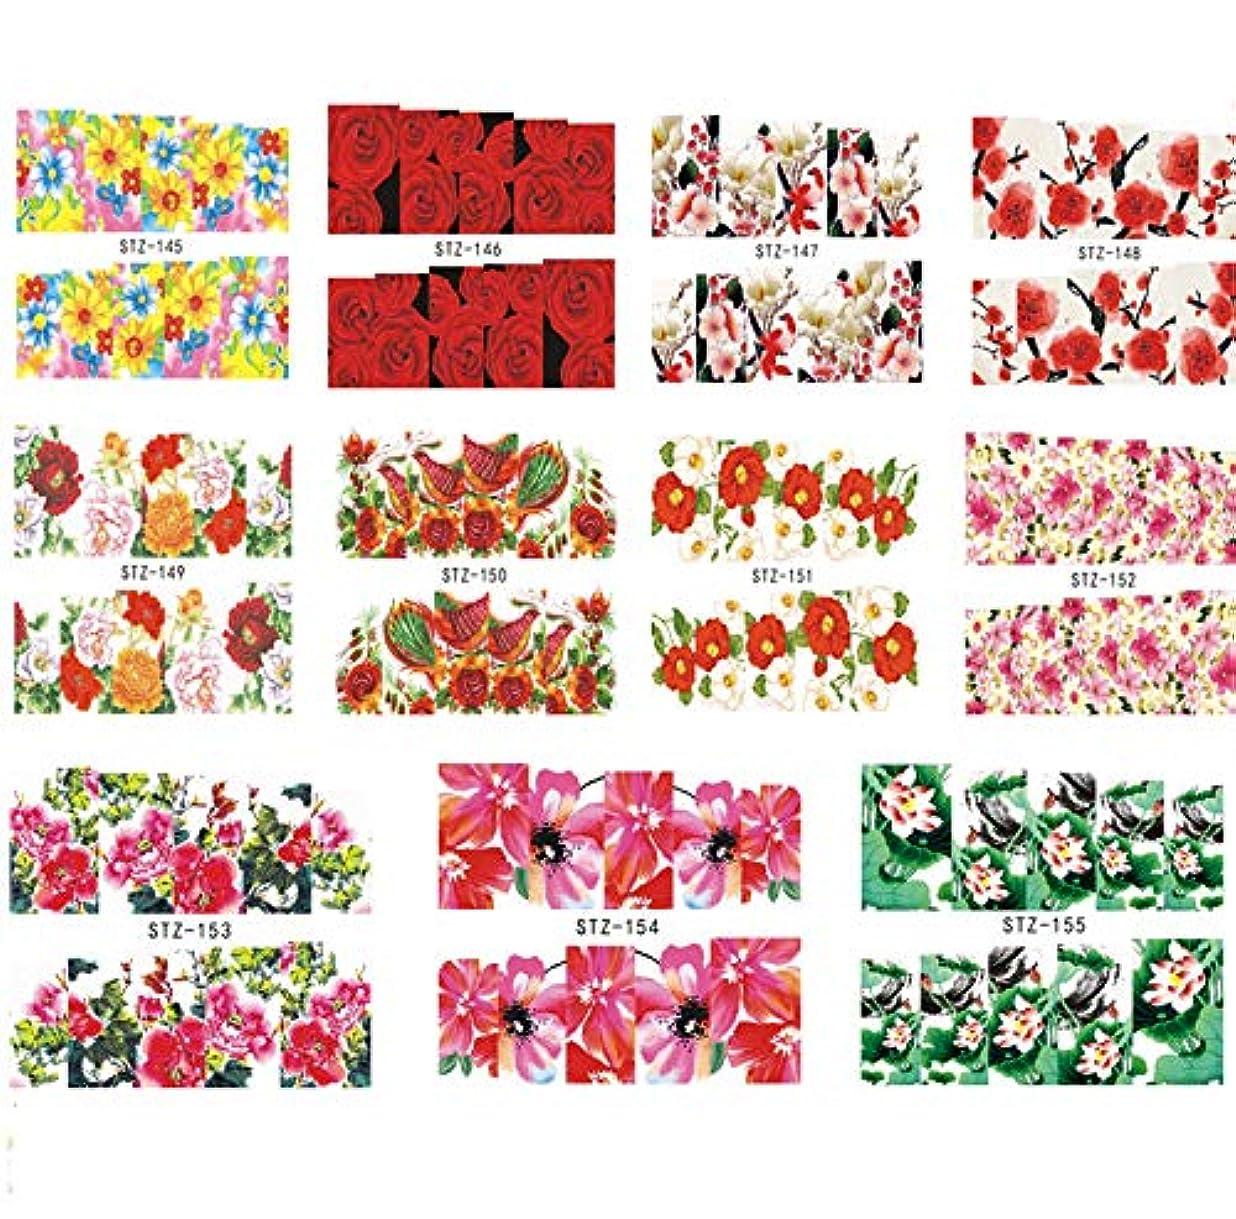 失望させるページ姪SUKTI&XIAO ネイルステッカー 1セット混合11デザインフルチップネイルアート冬の花水転写ステッカー箔デカールネイル